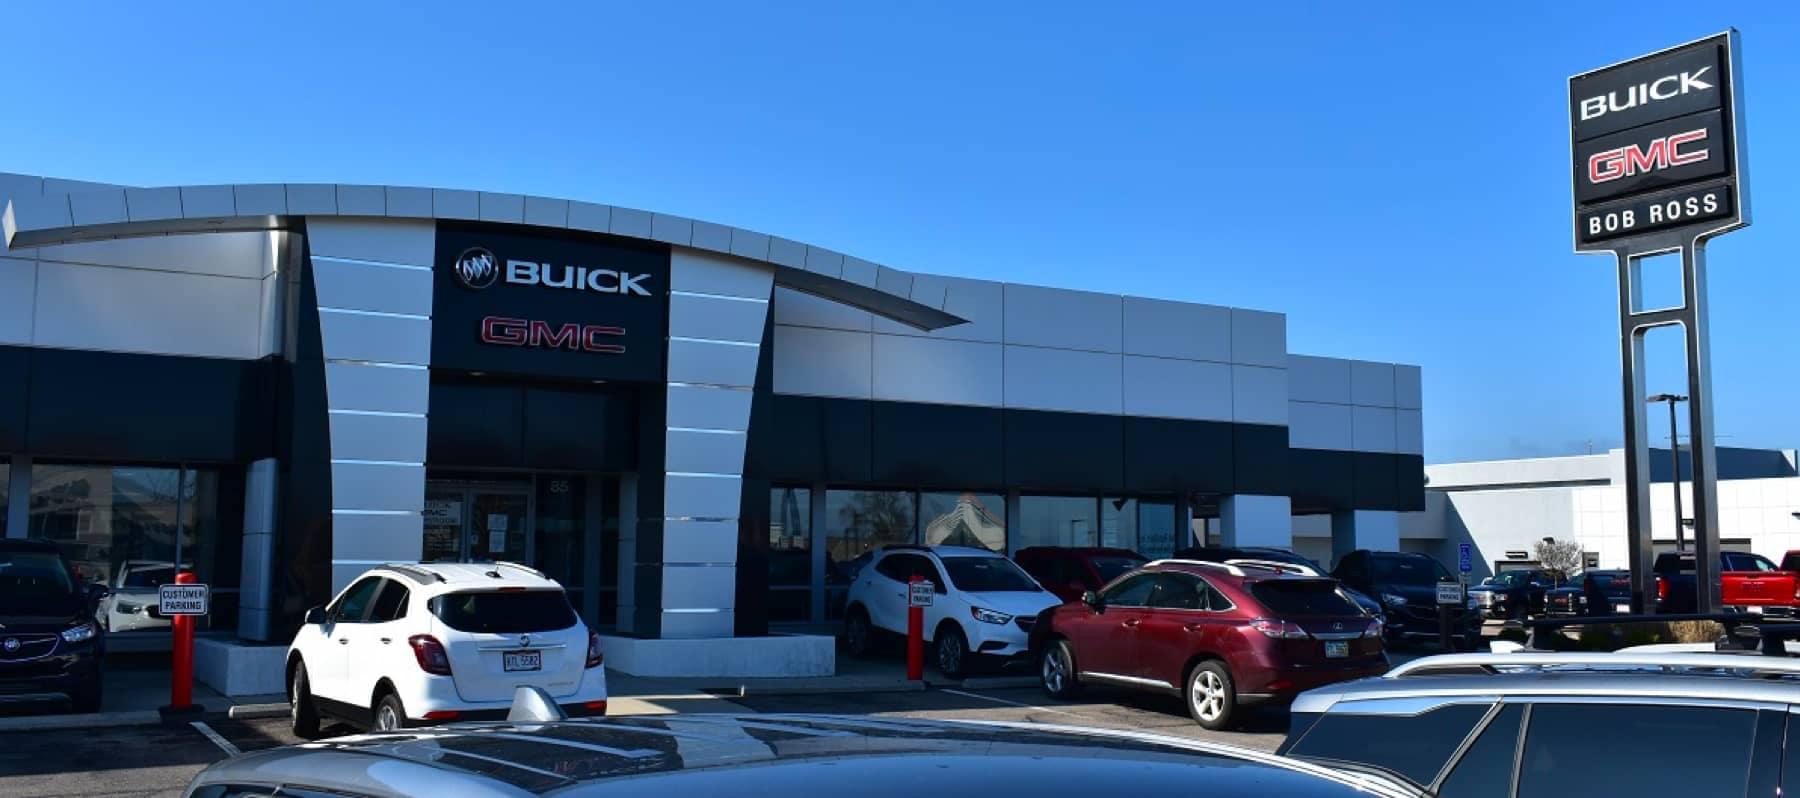 An exterior shot of the Bob Ross Buick GMC dealership